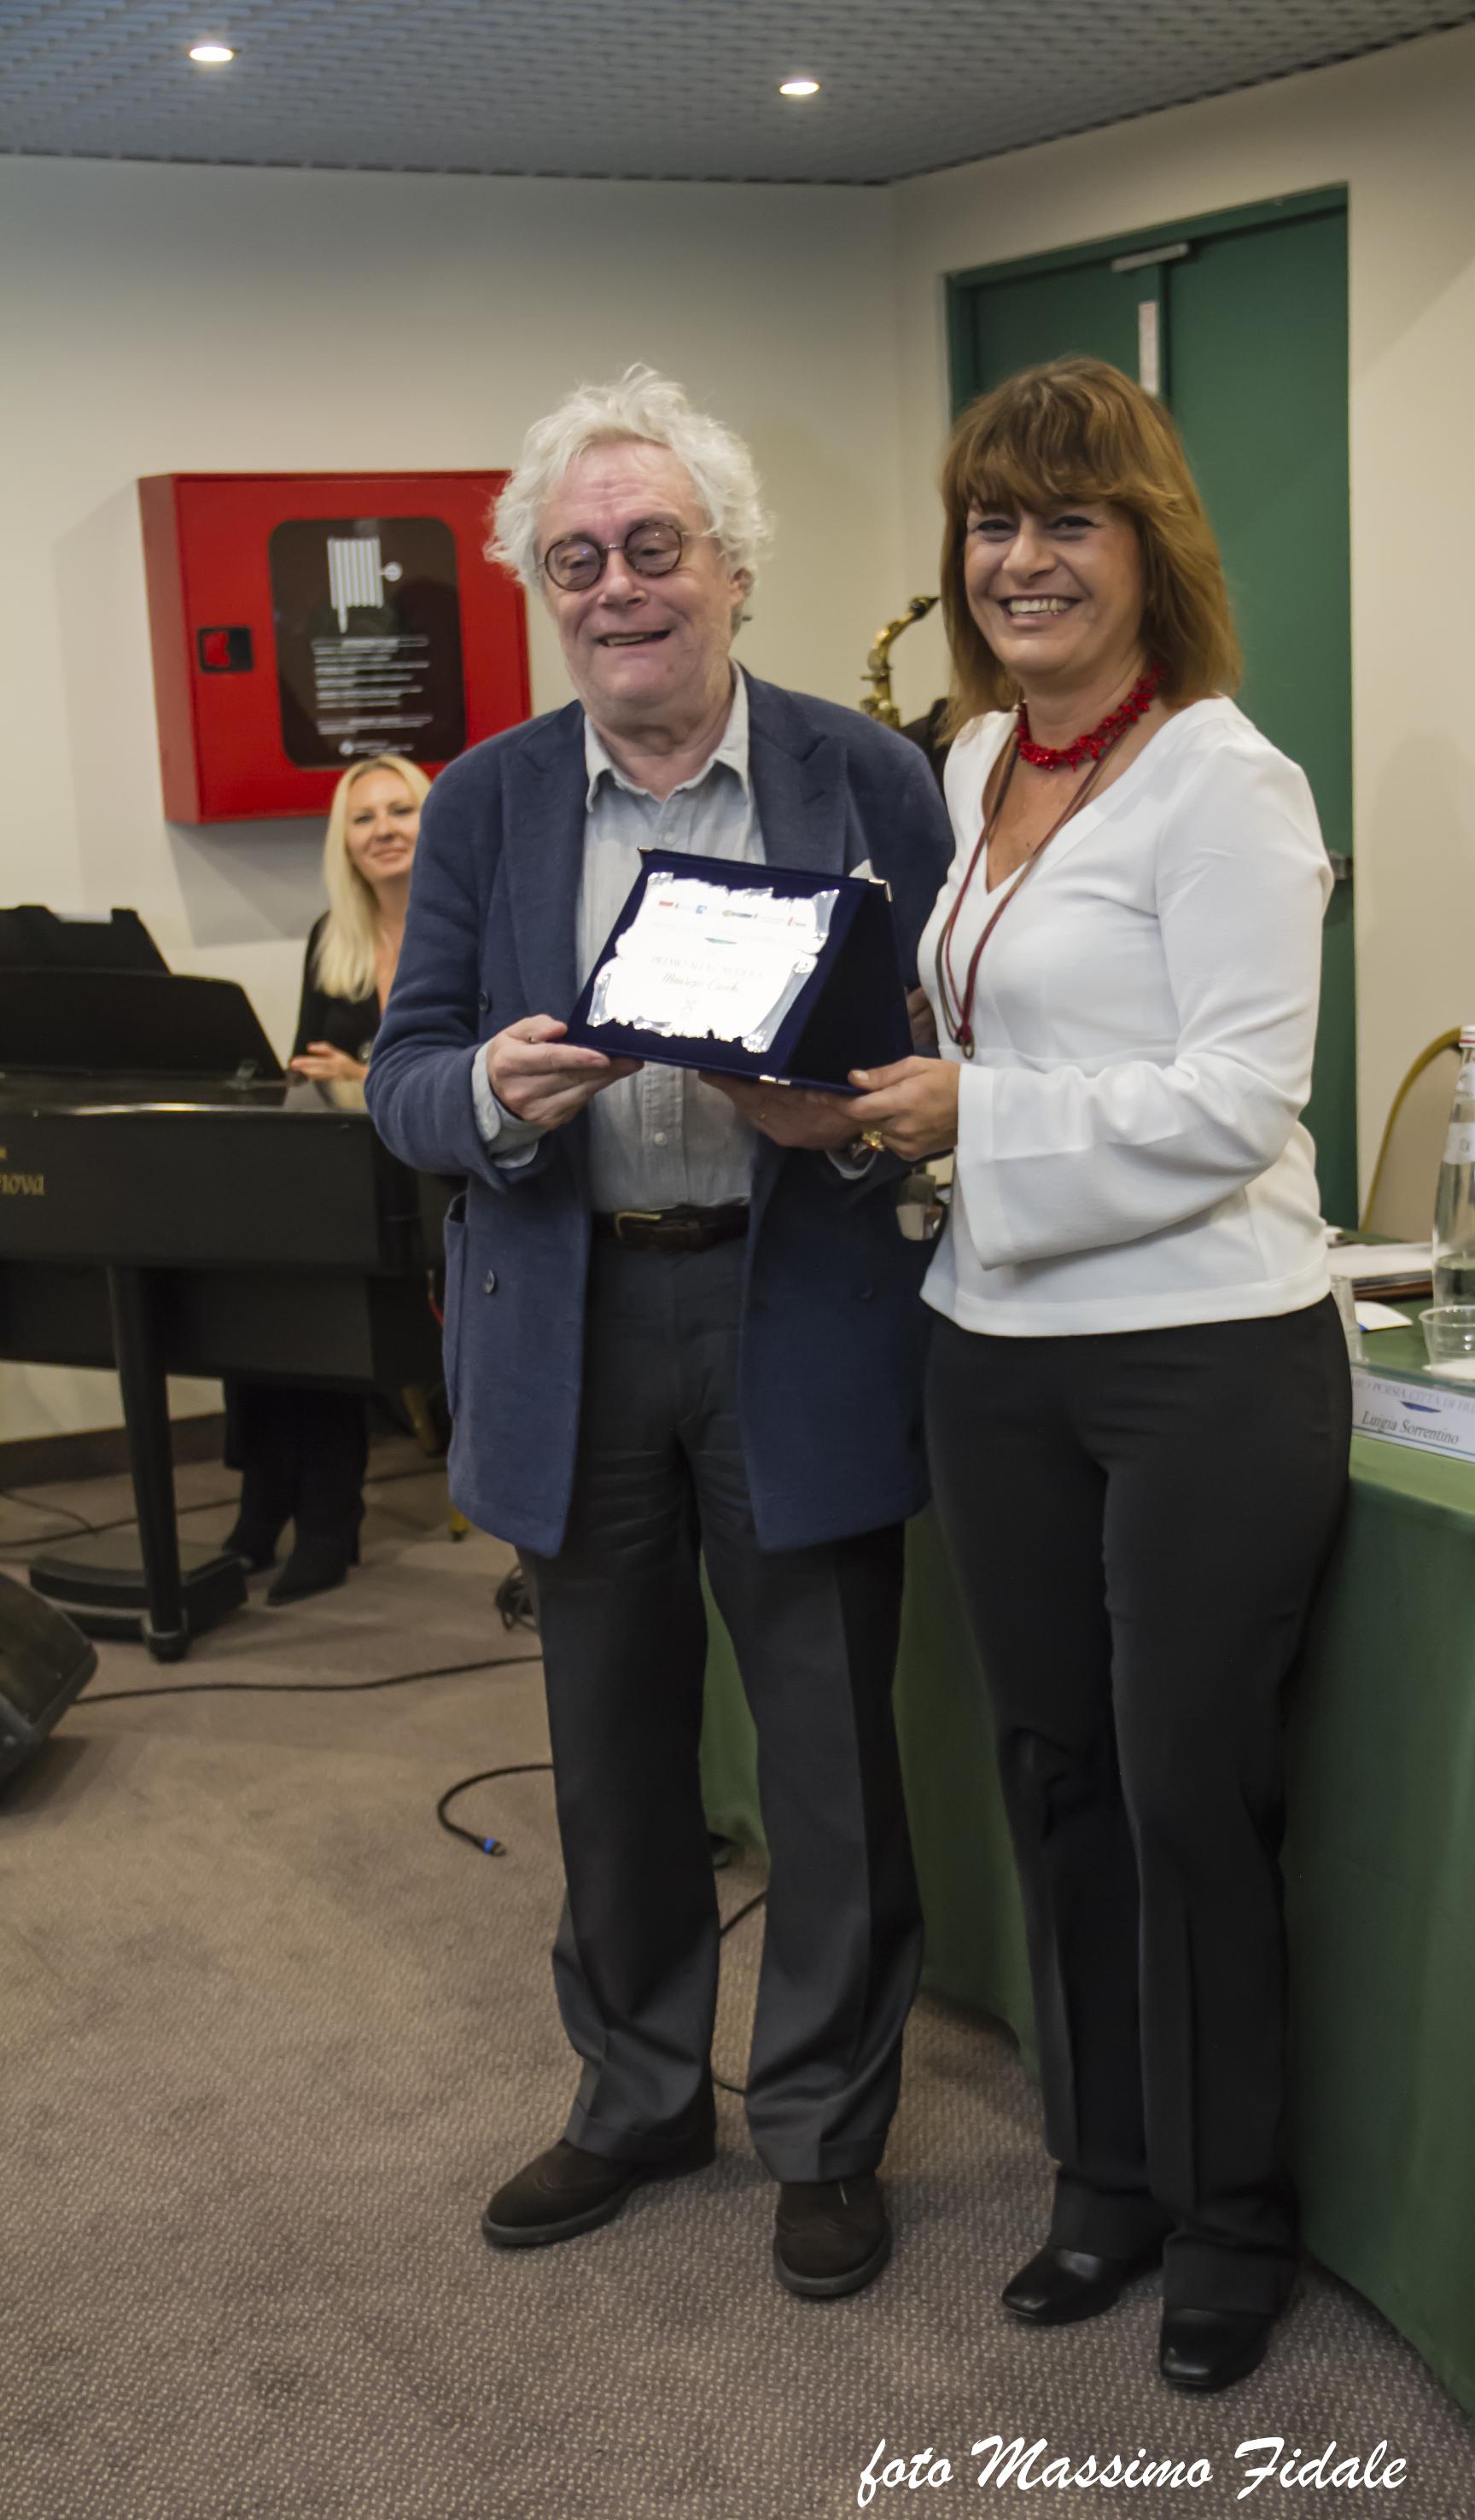 L'assessore Galluzzo consegna a Maurizio Cucchi il premio alla carriera